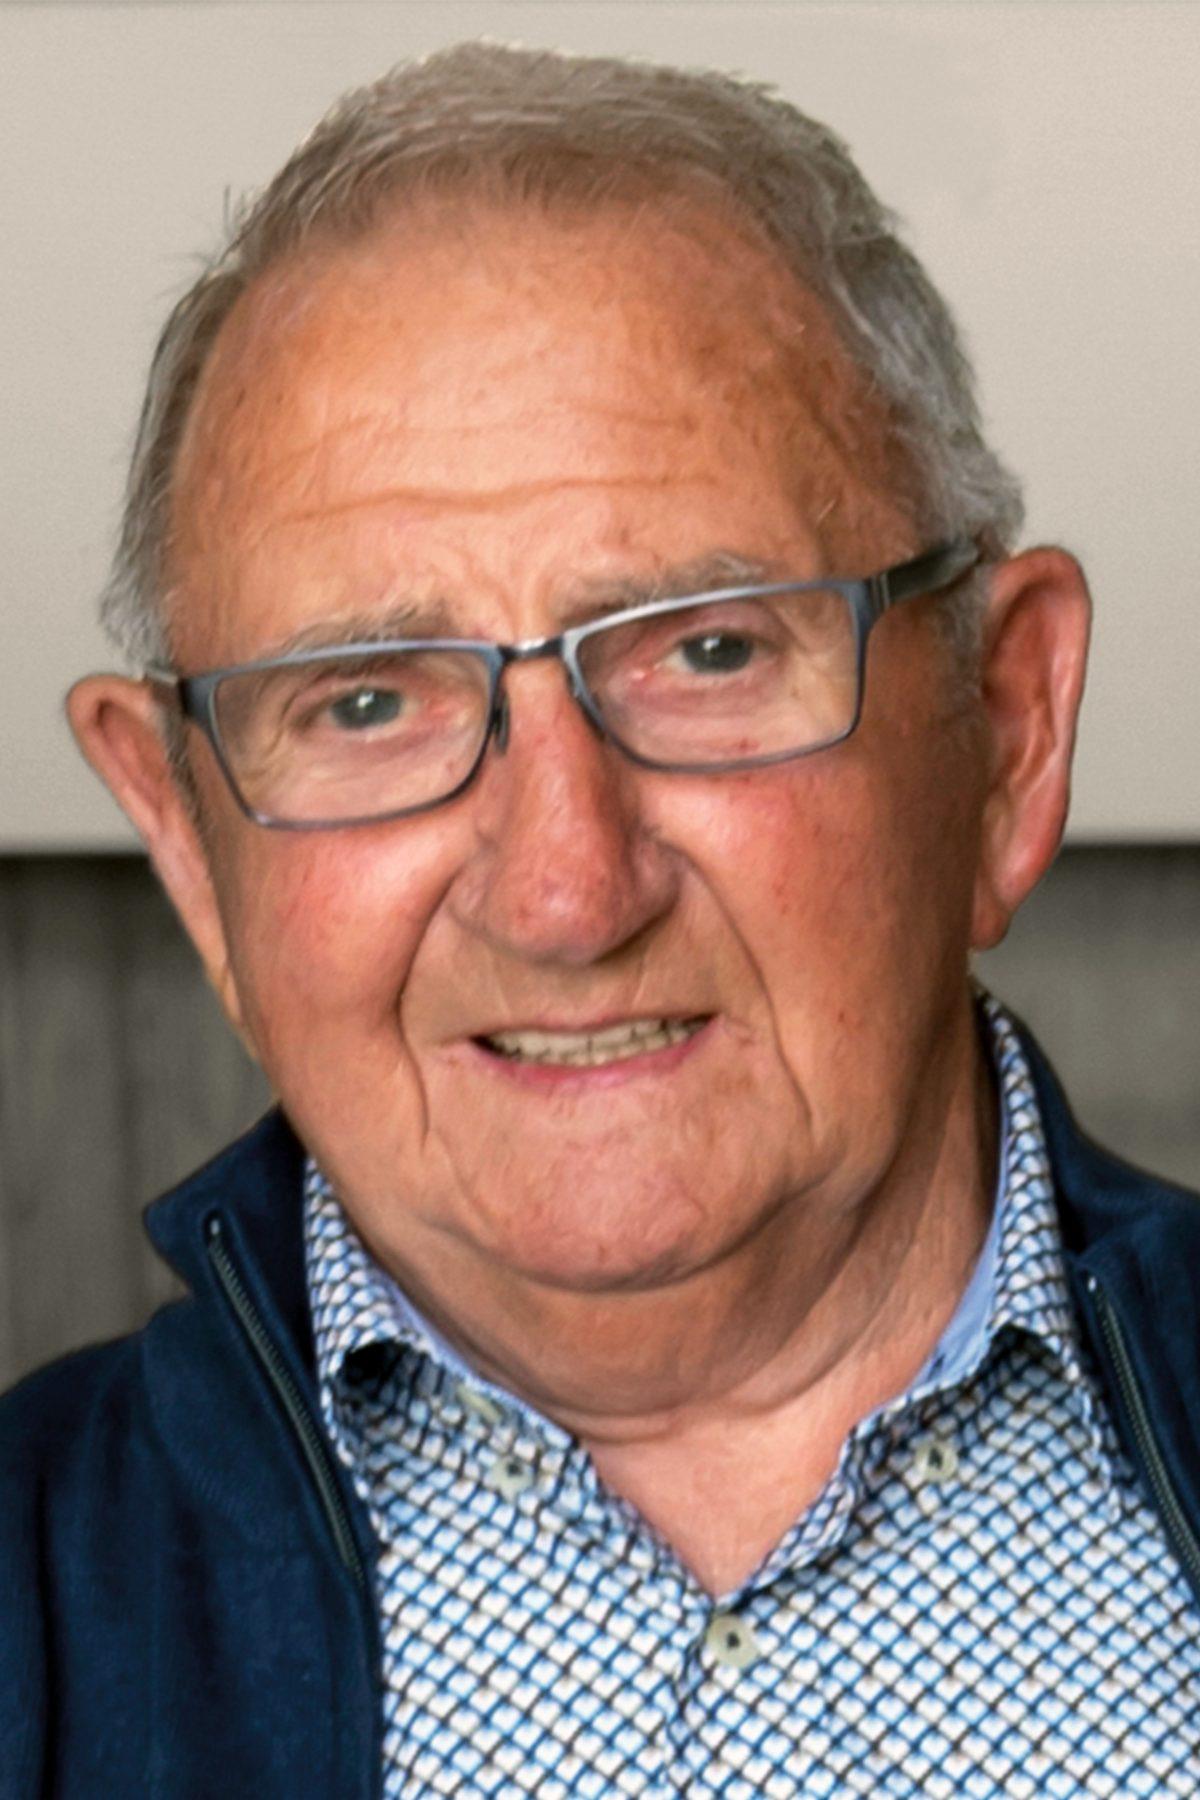 Jef Biesmans